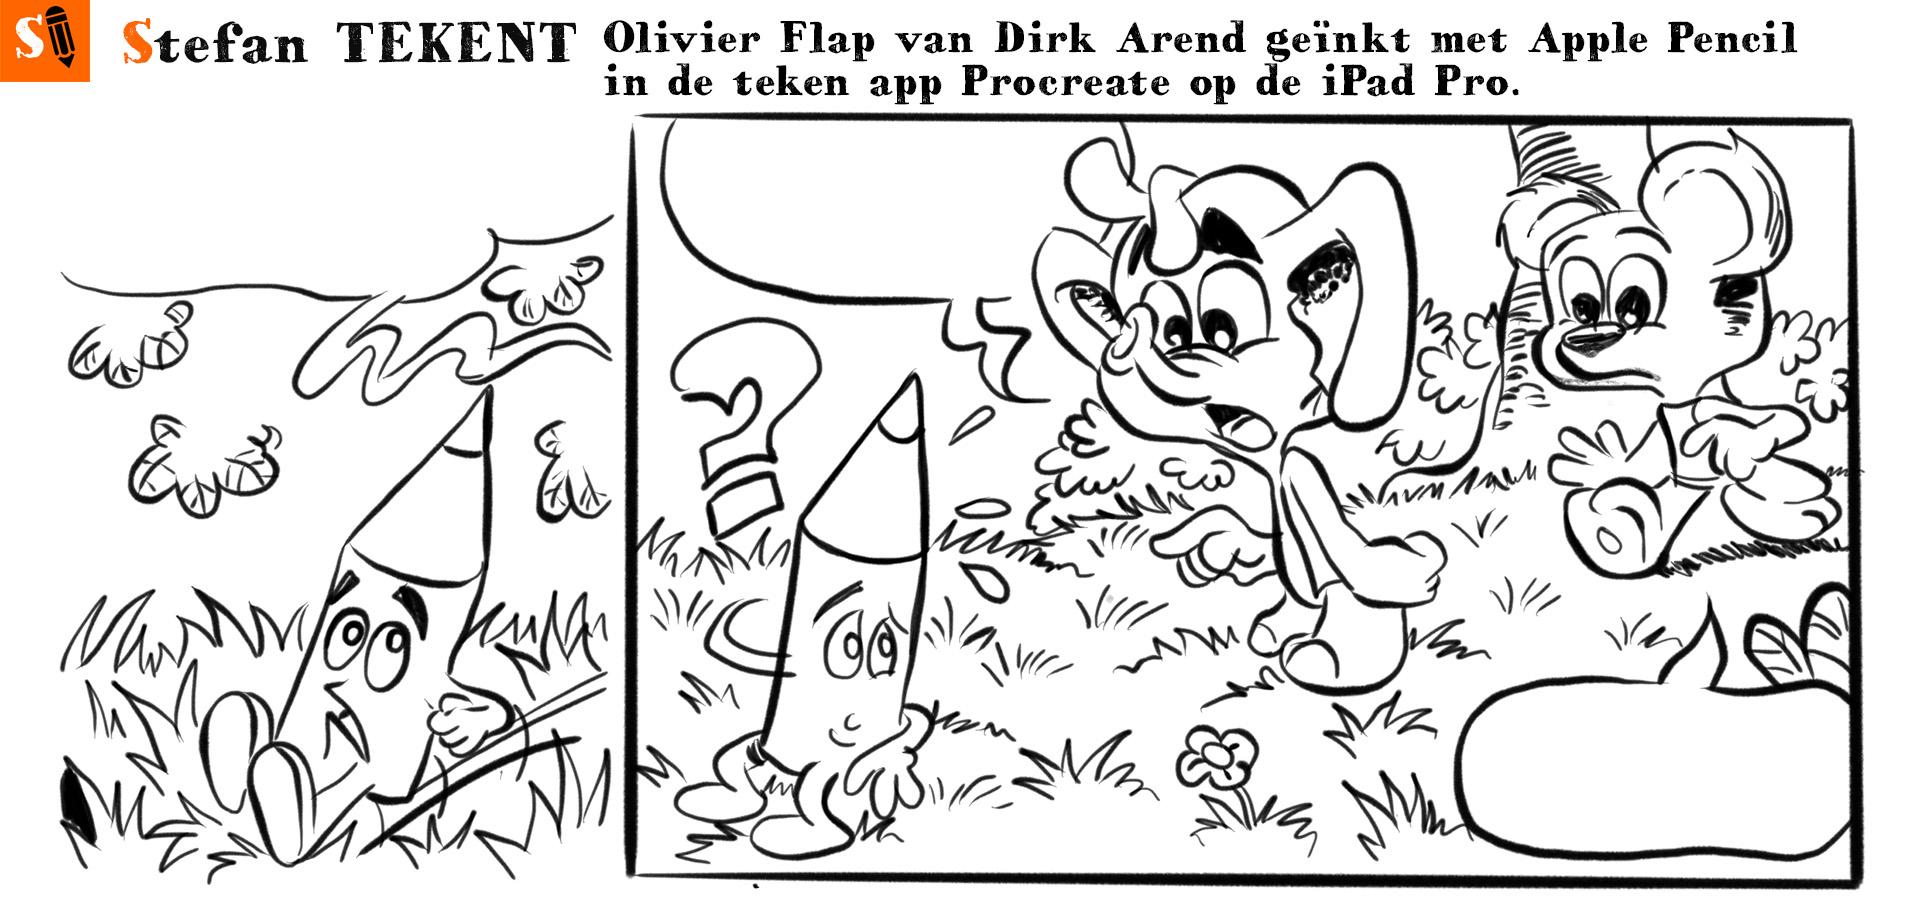 OlivierFlap-applepencil